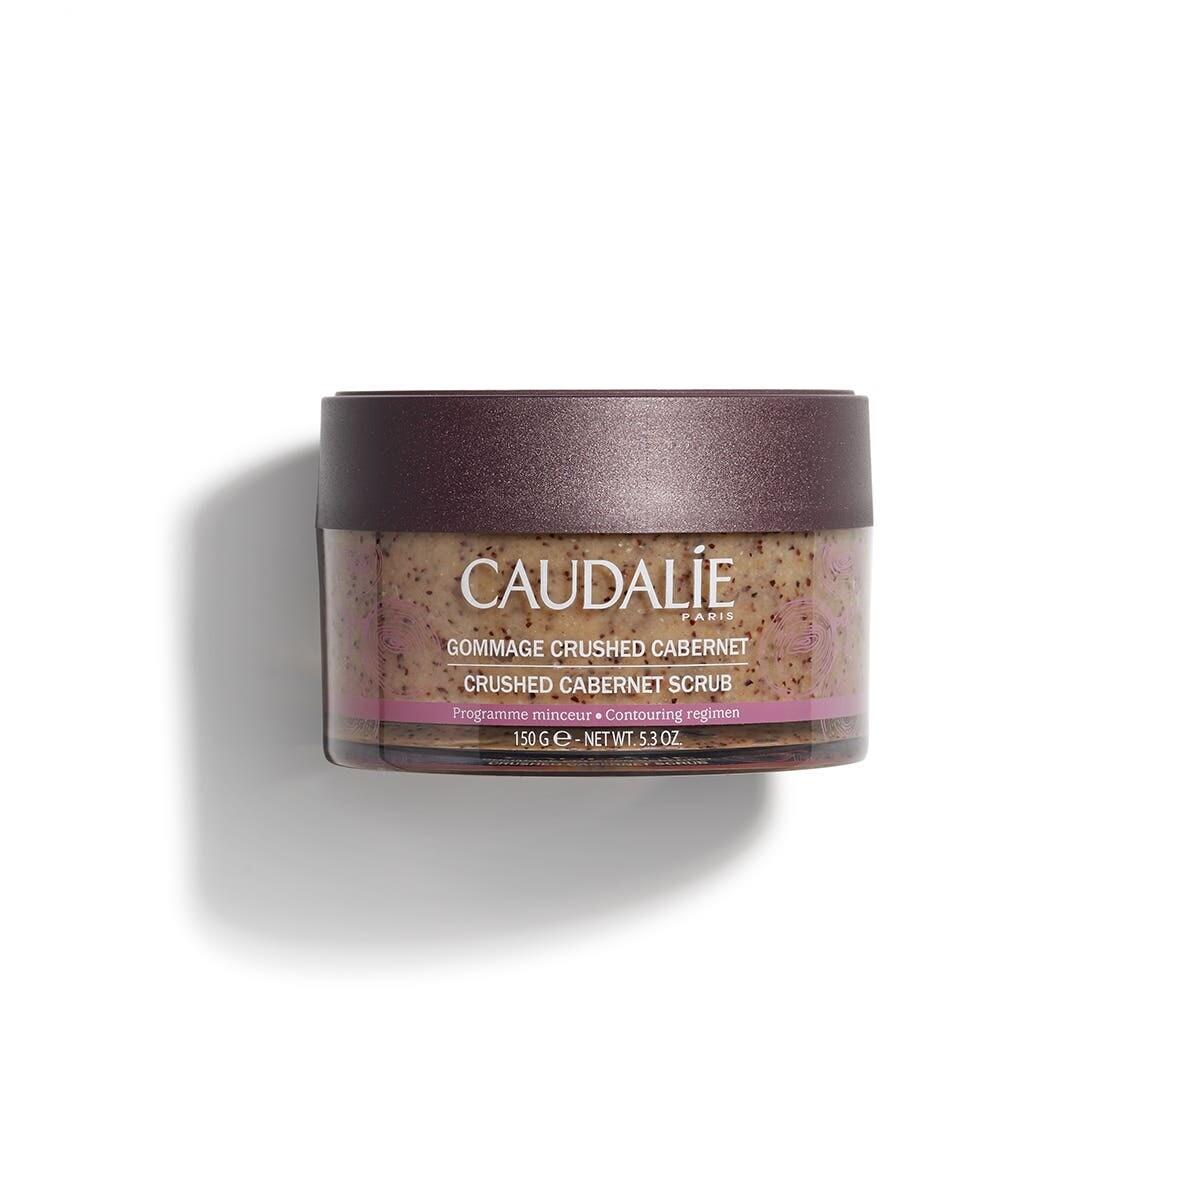 Caudalie-Crushed Cabernet Scrub